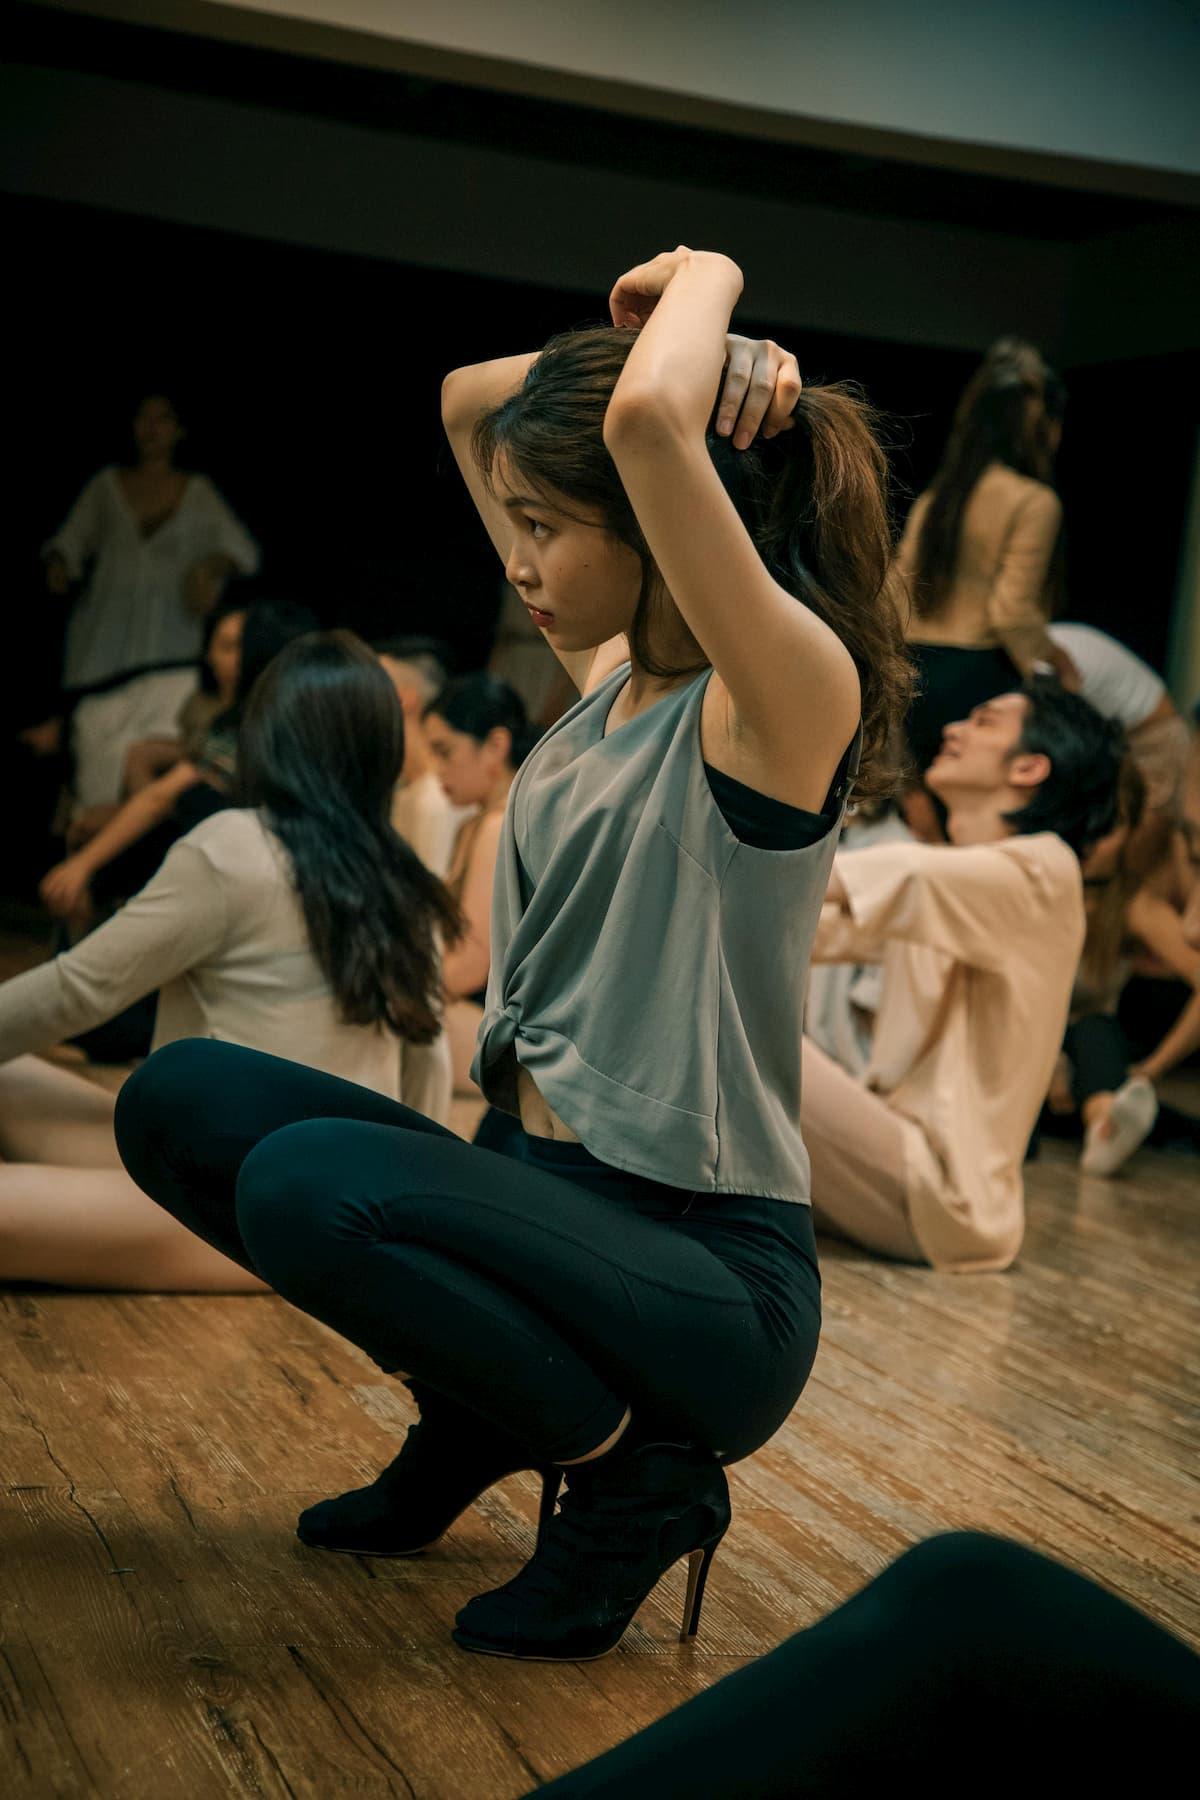 Tanz-Festivals sind immer eine gute Gelegenheit, sein Tanzen zu verbessern